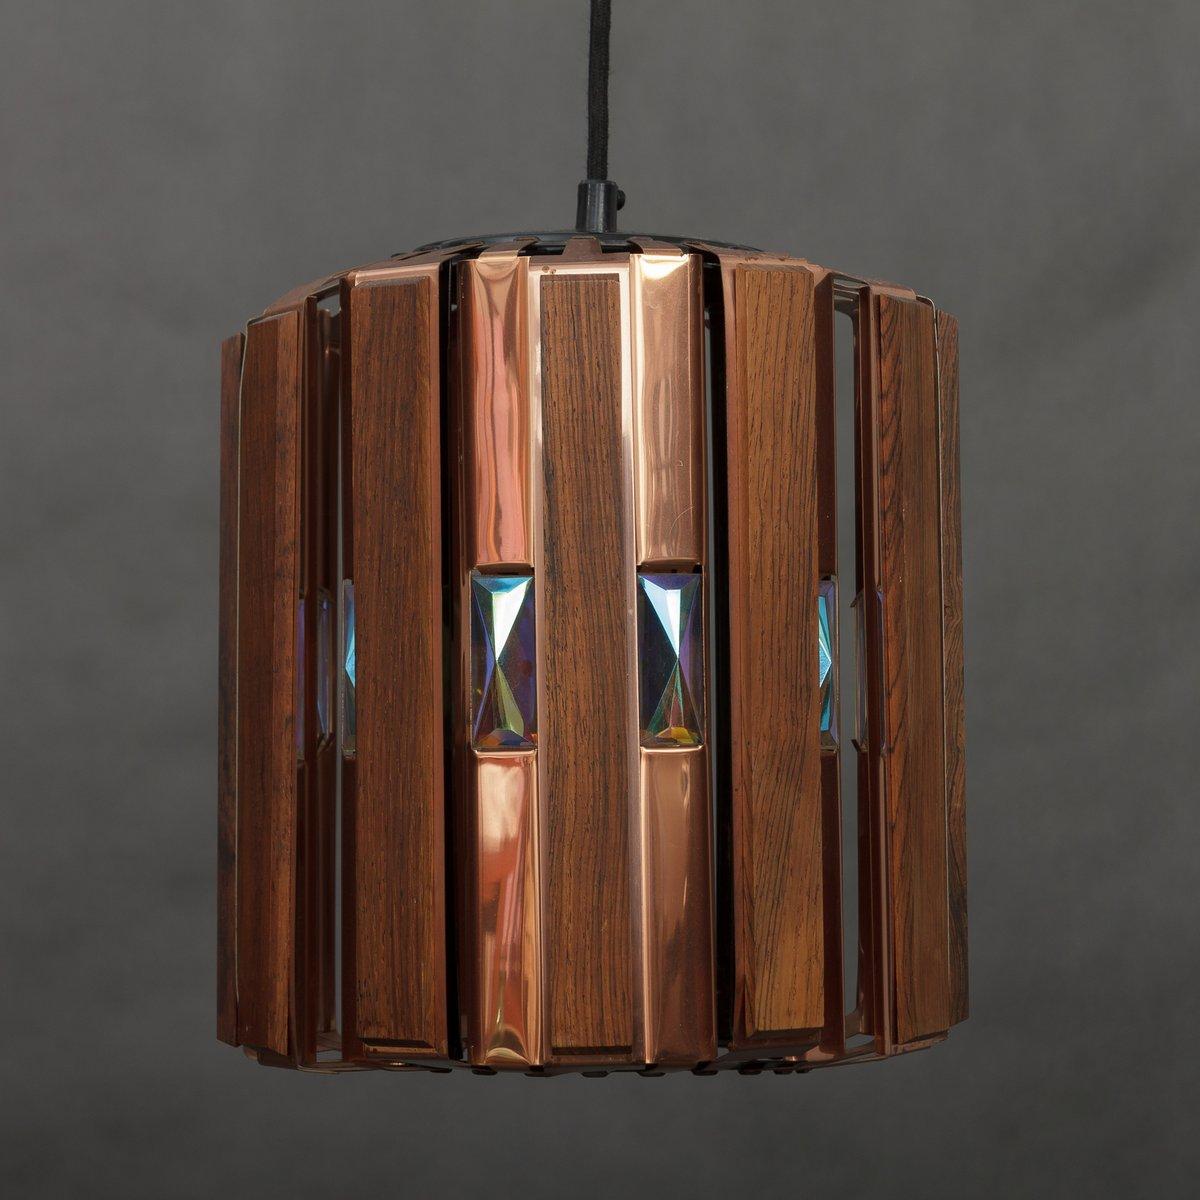 Kupfer Esstisch Lampe ~ Lampe aus Kupfer & Palisander von Werner Schou für Coronell, 1960er bei P